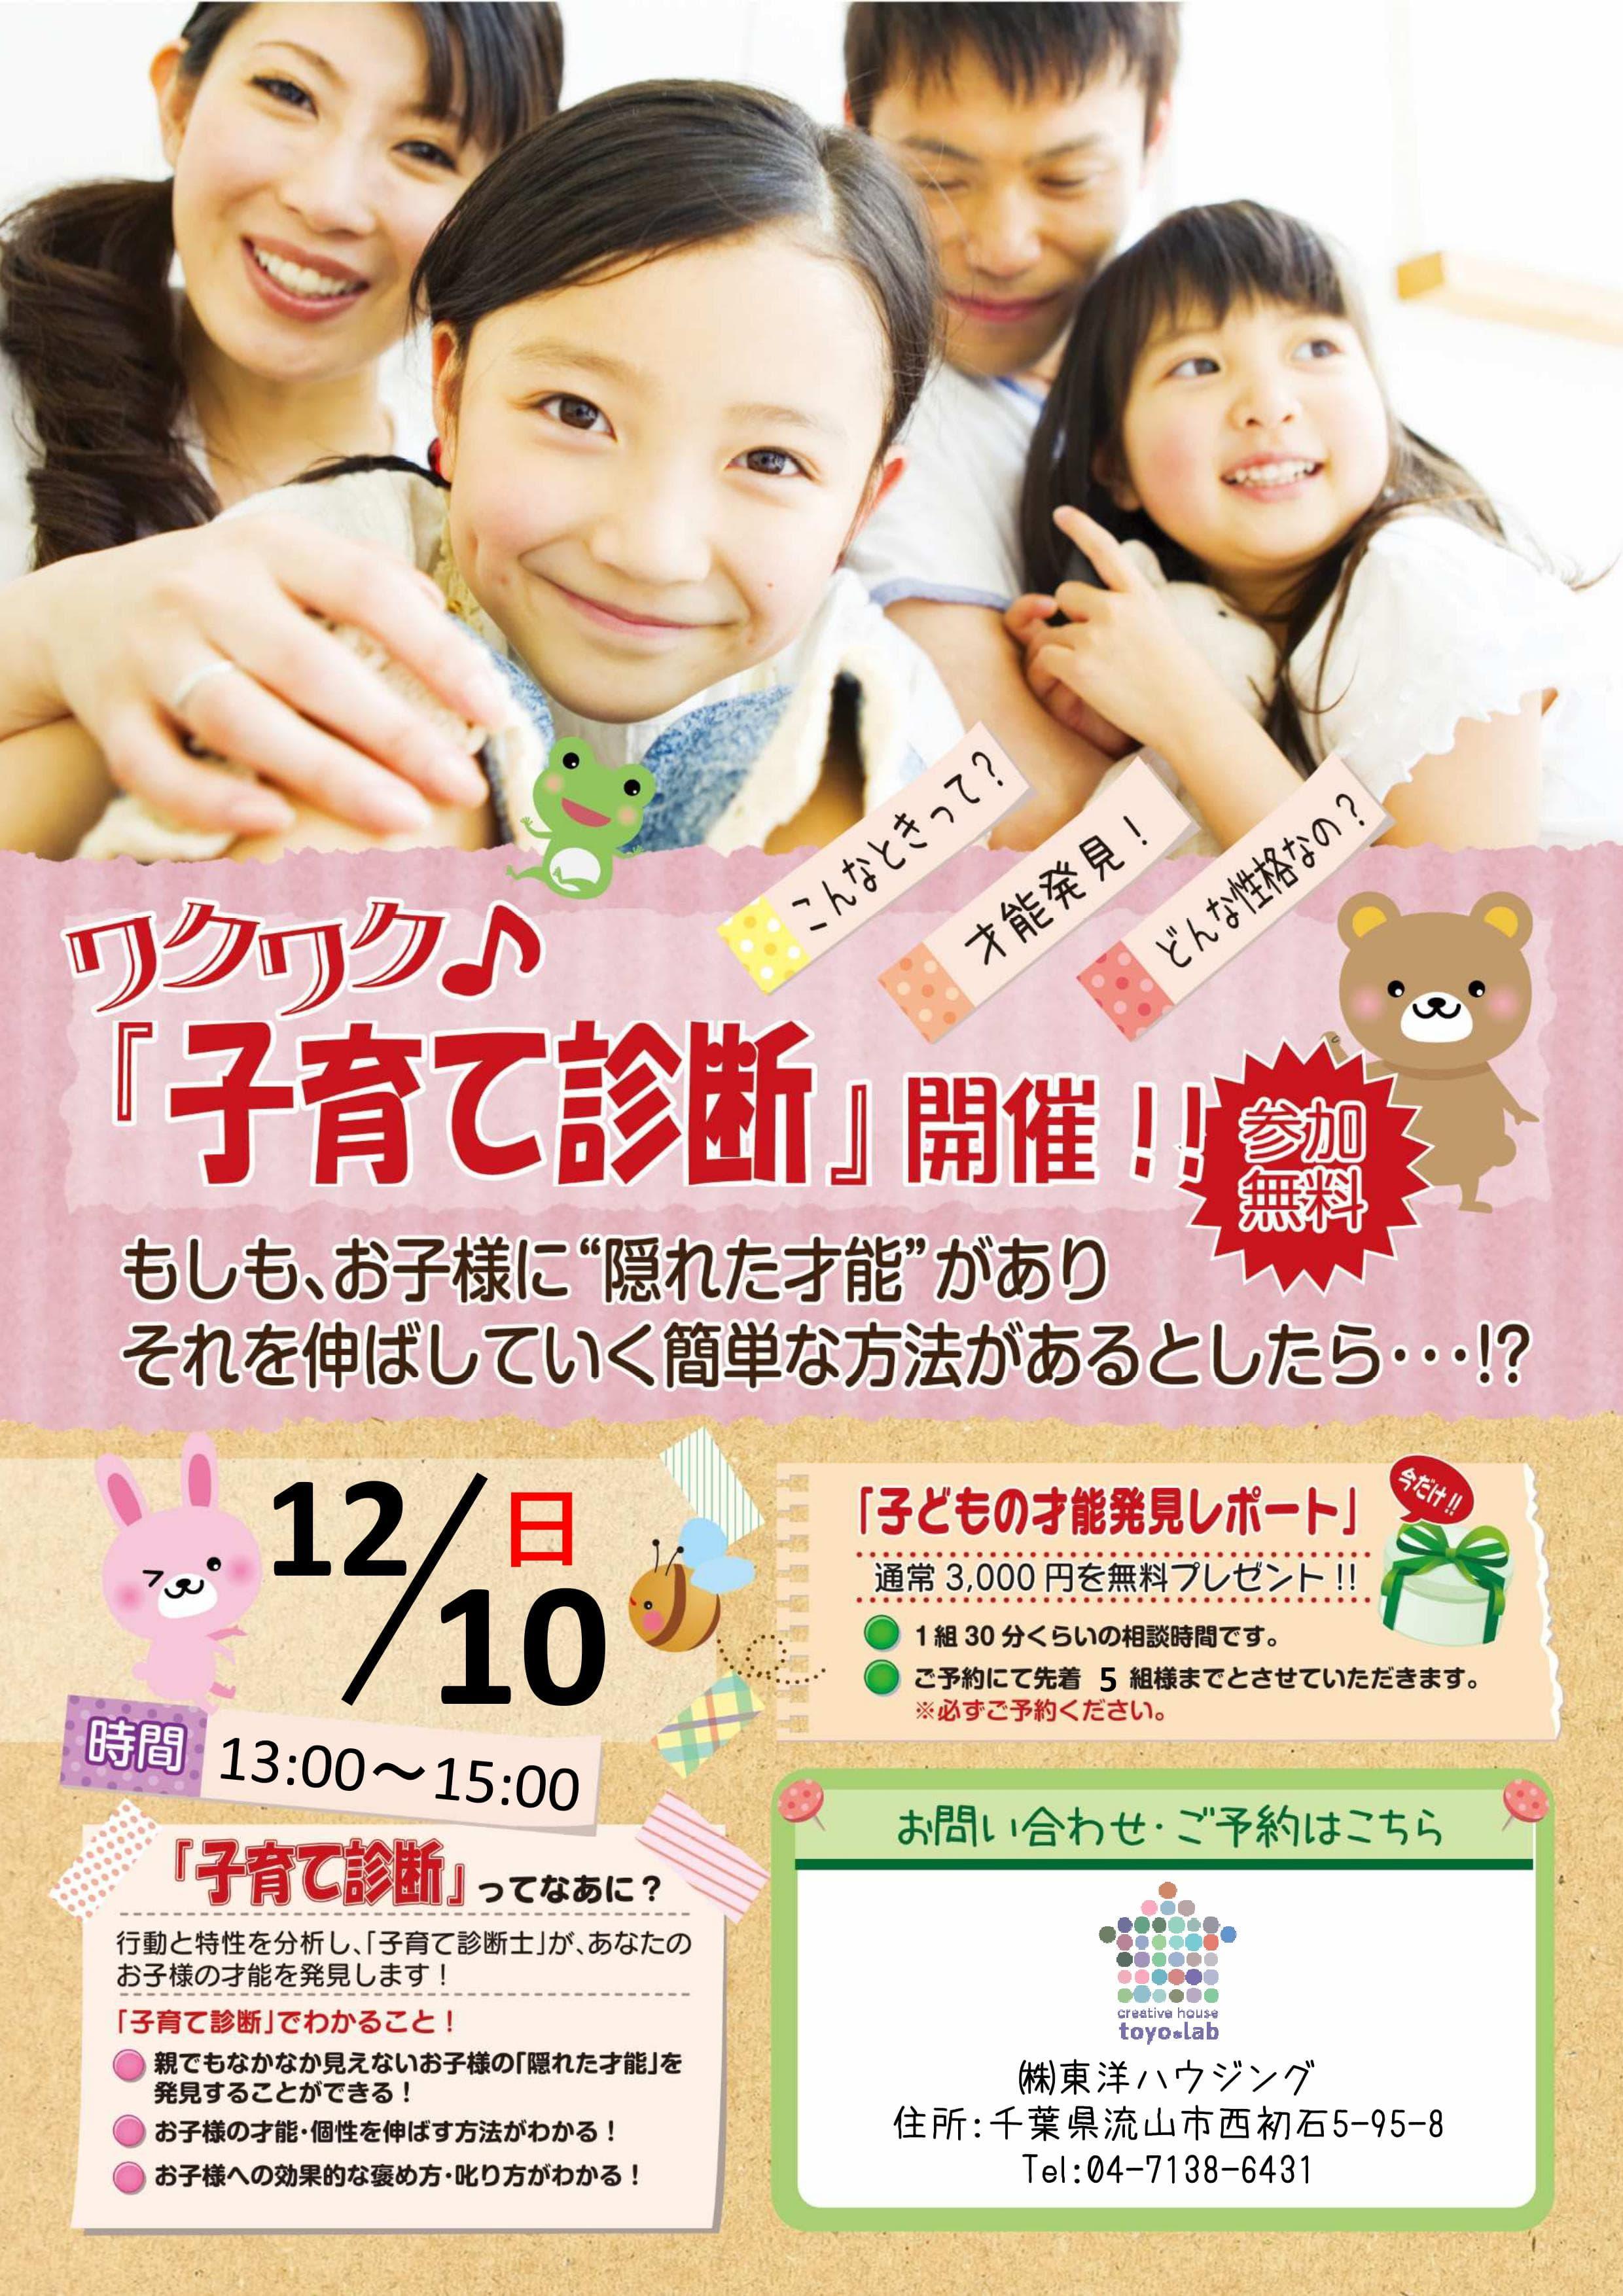 【流山おおたかの森 N-jyo koya】ワクワク♪『子育て診断』12月10日(日)<参加無料・ご予約下さい>